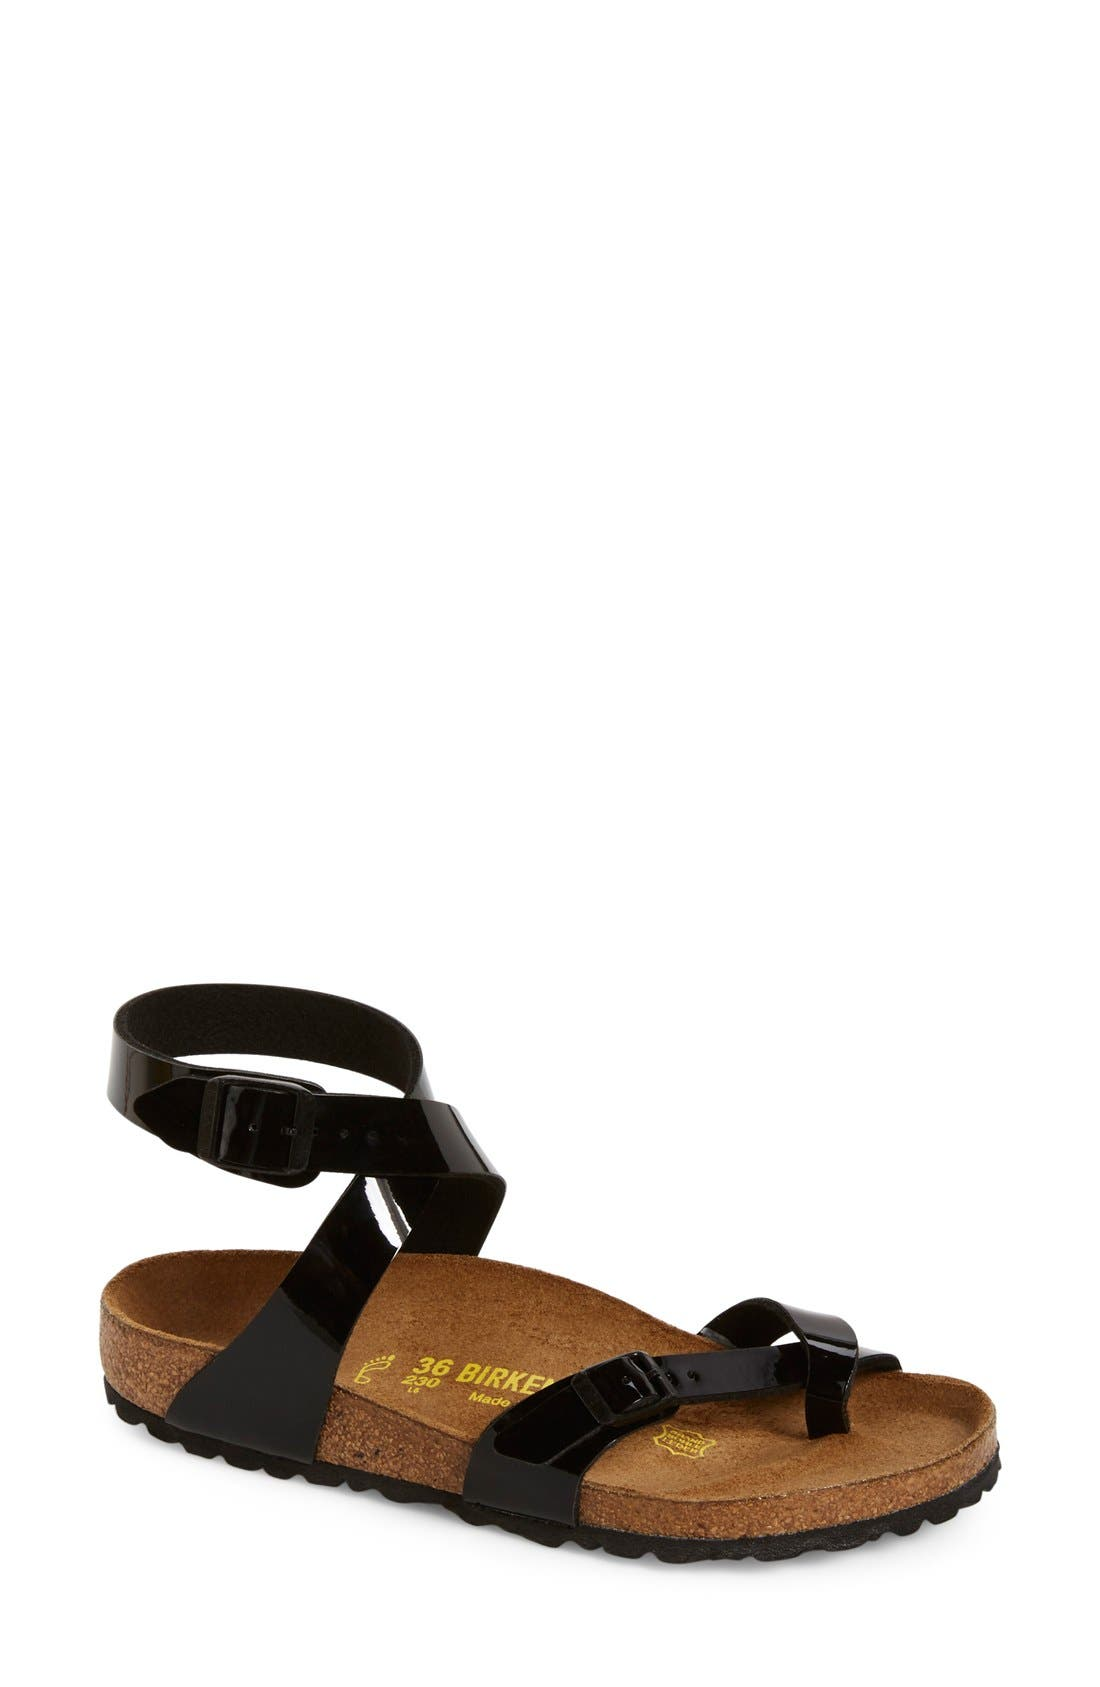 Alternate Image 1 Selected - Birkenstock 'Yara' Birko-Flor™ Ankle Strap Sandal (Women)